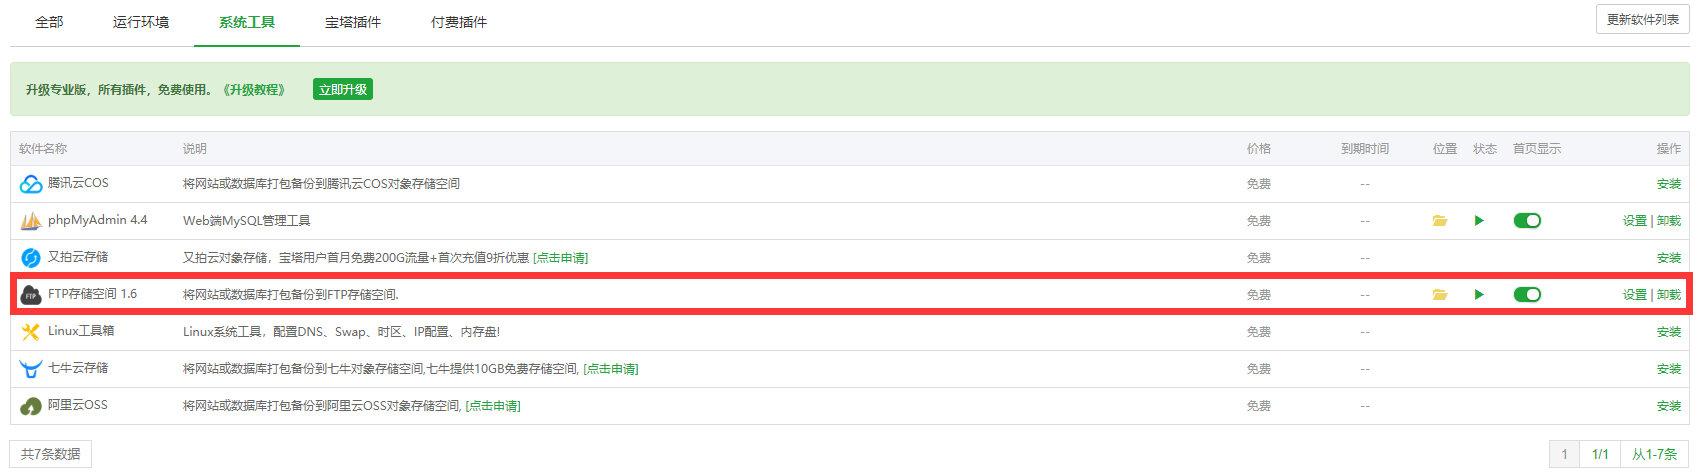 利用Openload每日免费自动备份网站/数据库 附宝塔面板实操详细教程 建站笔记 第4张